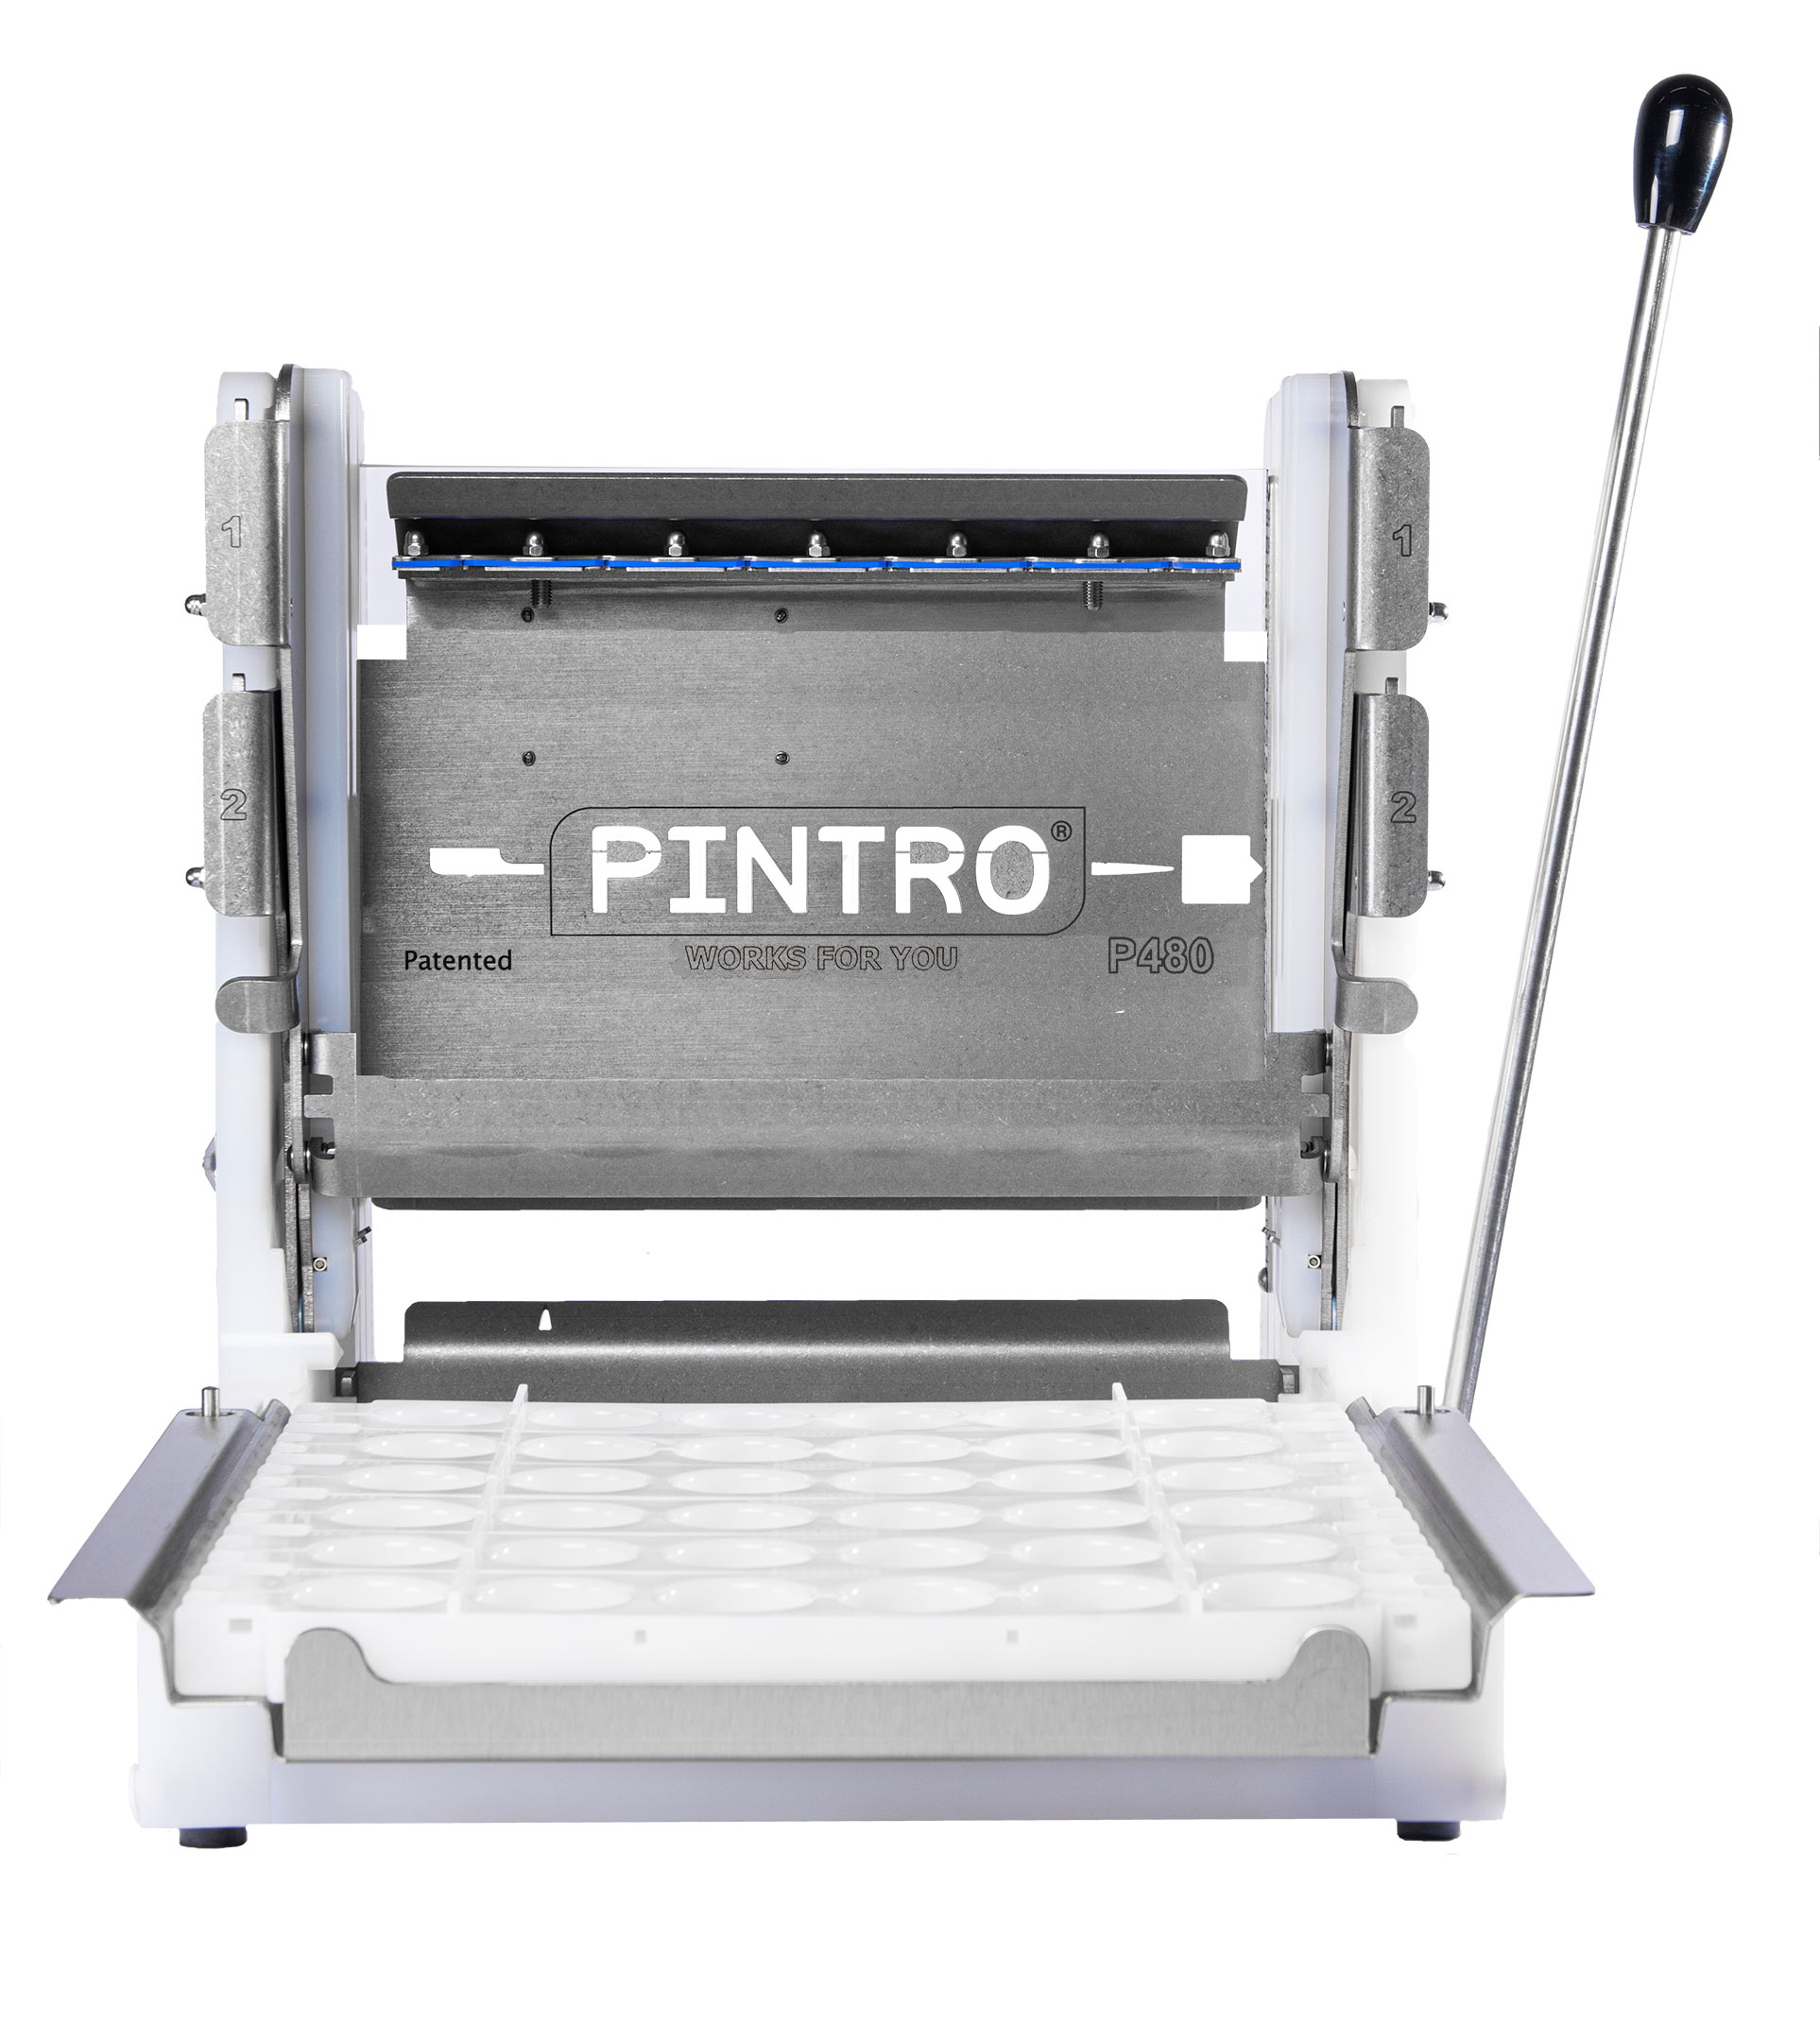 PINTRO P480 spießmaschine manuelle